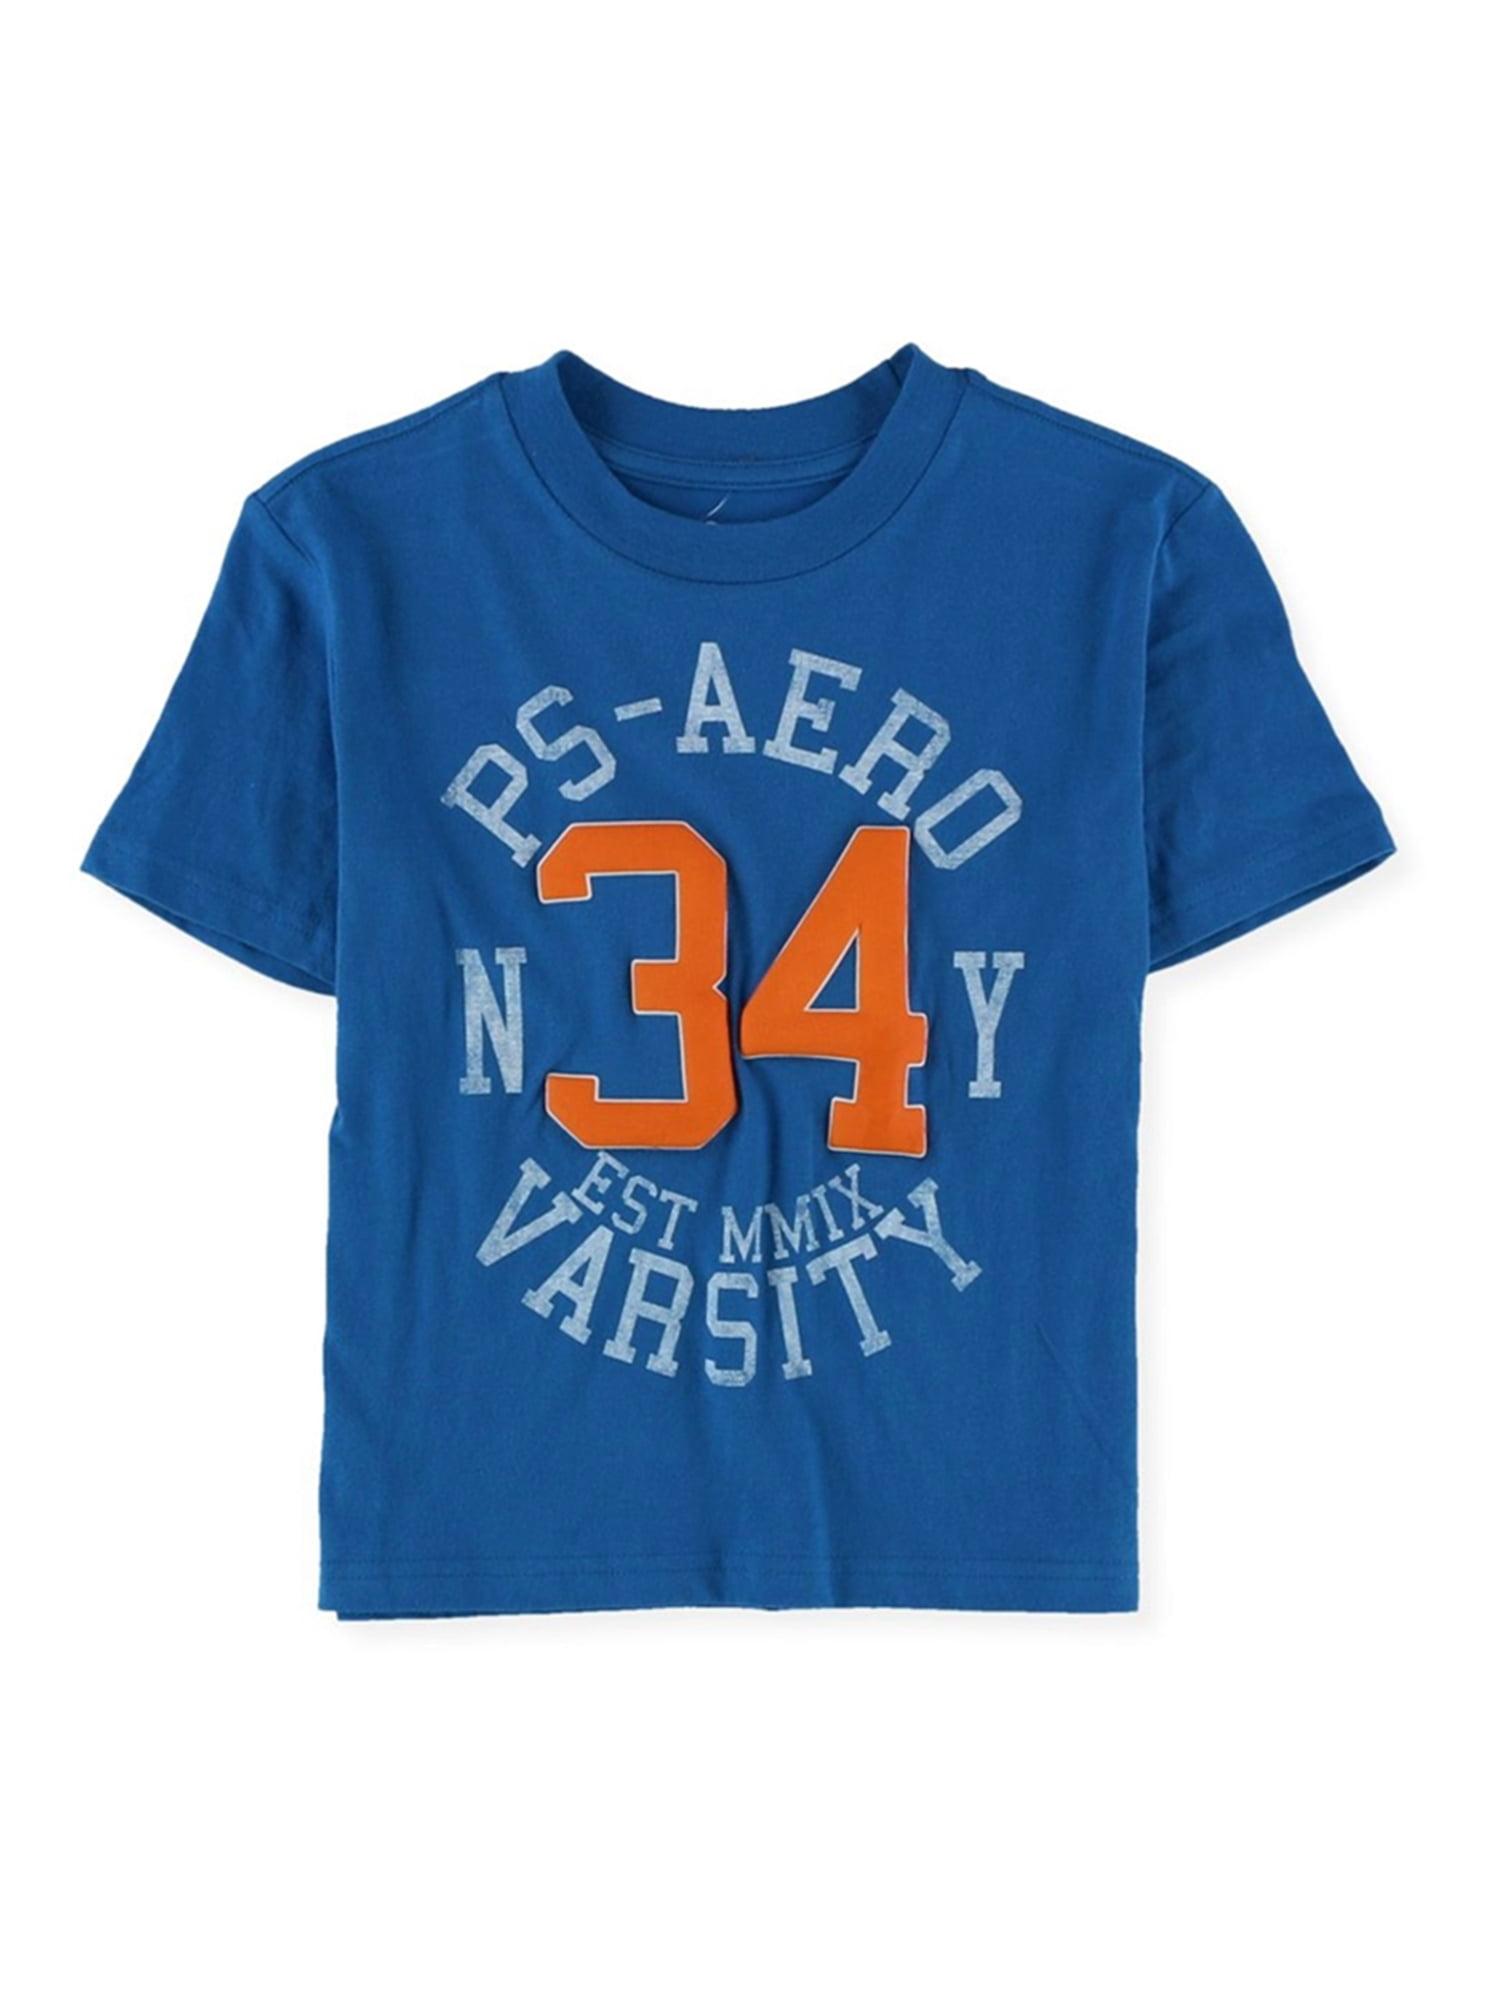 Aeropostale Boys Ny 34 Varsity Graphic T-Shirt